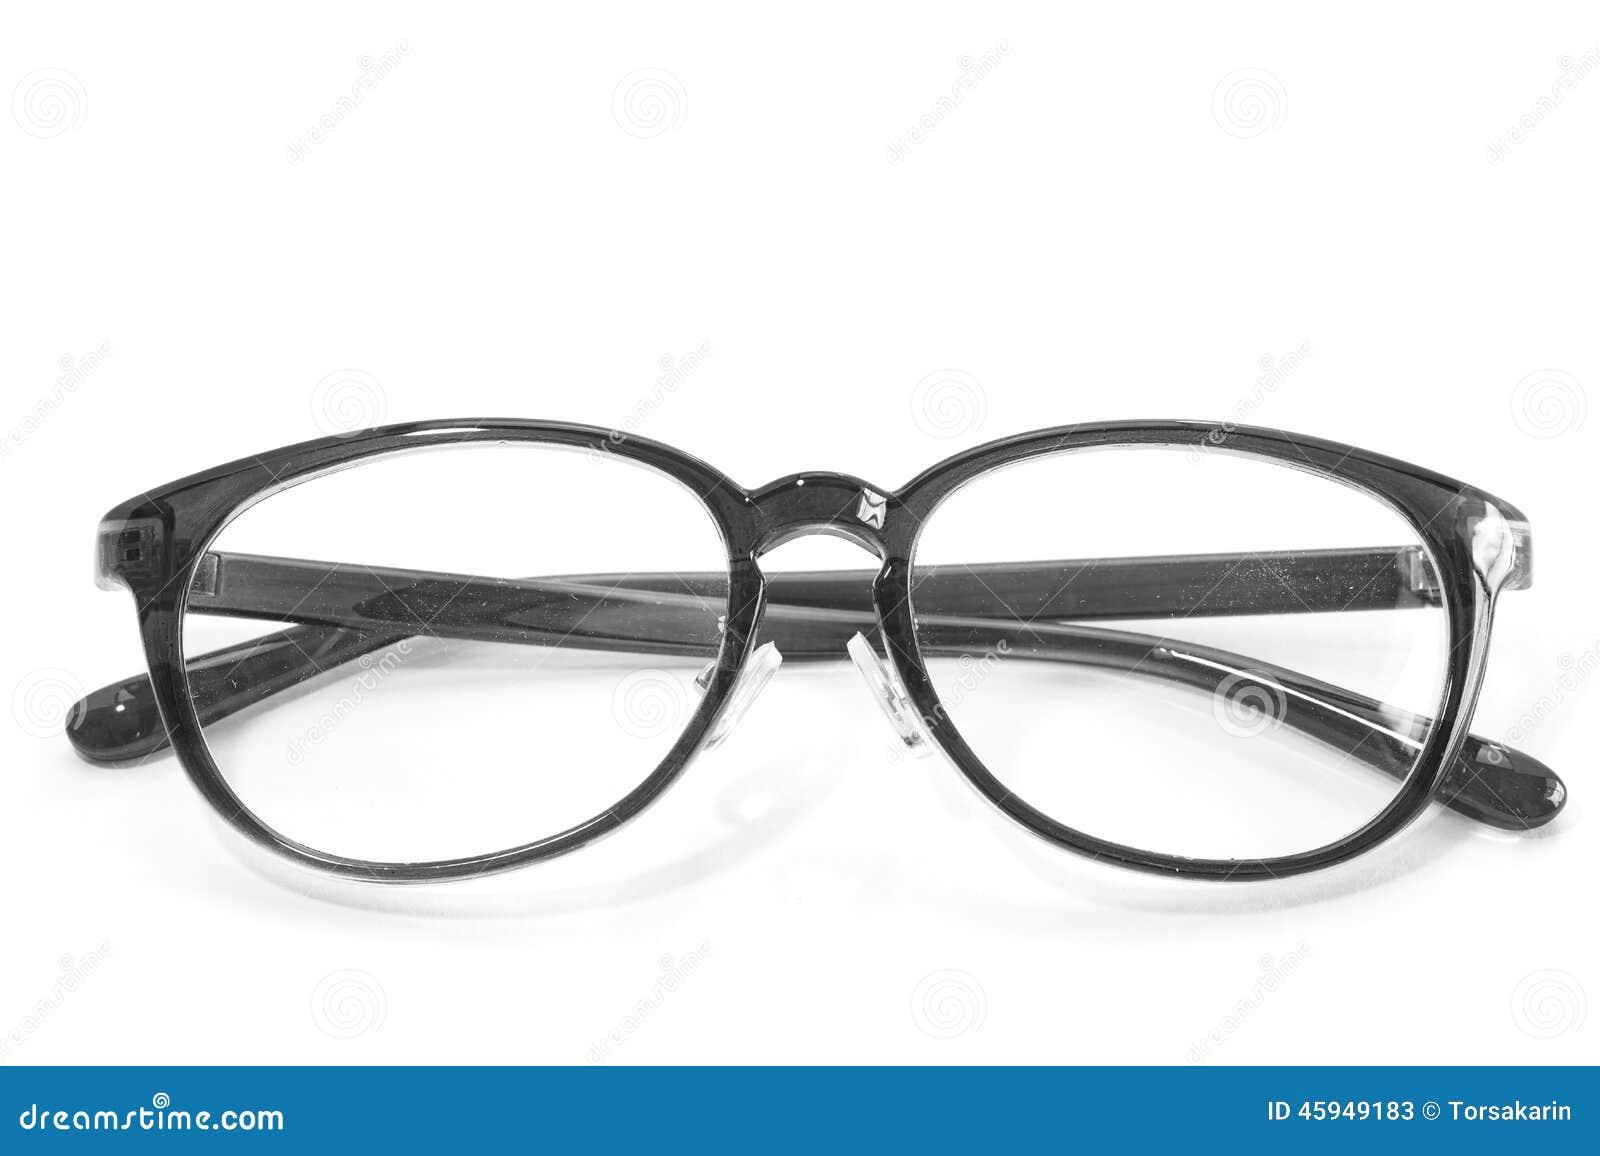 ede0fff528ecb3 Modebrille lokalisiert auf einem weißen Hintergrund